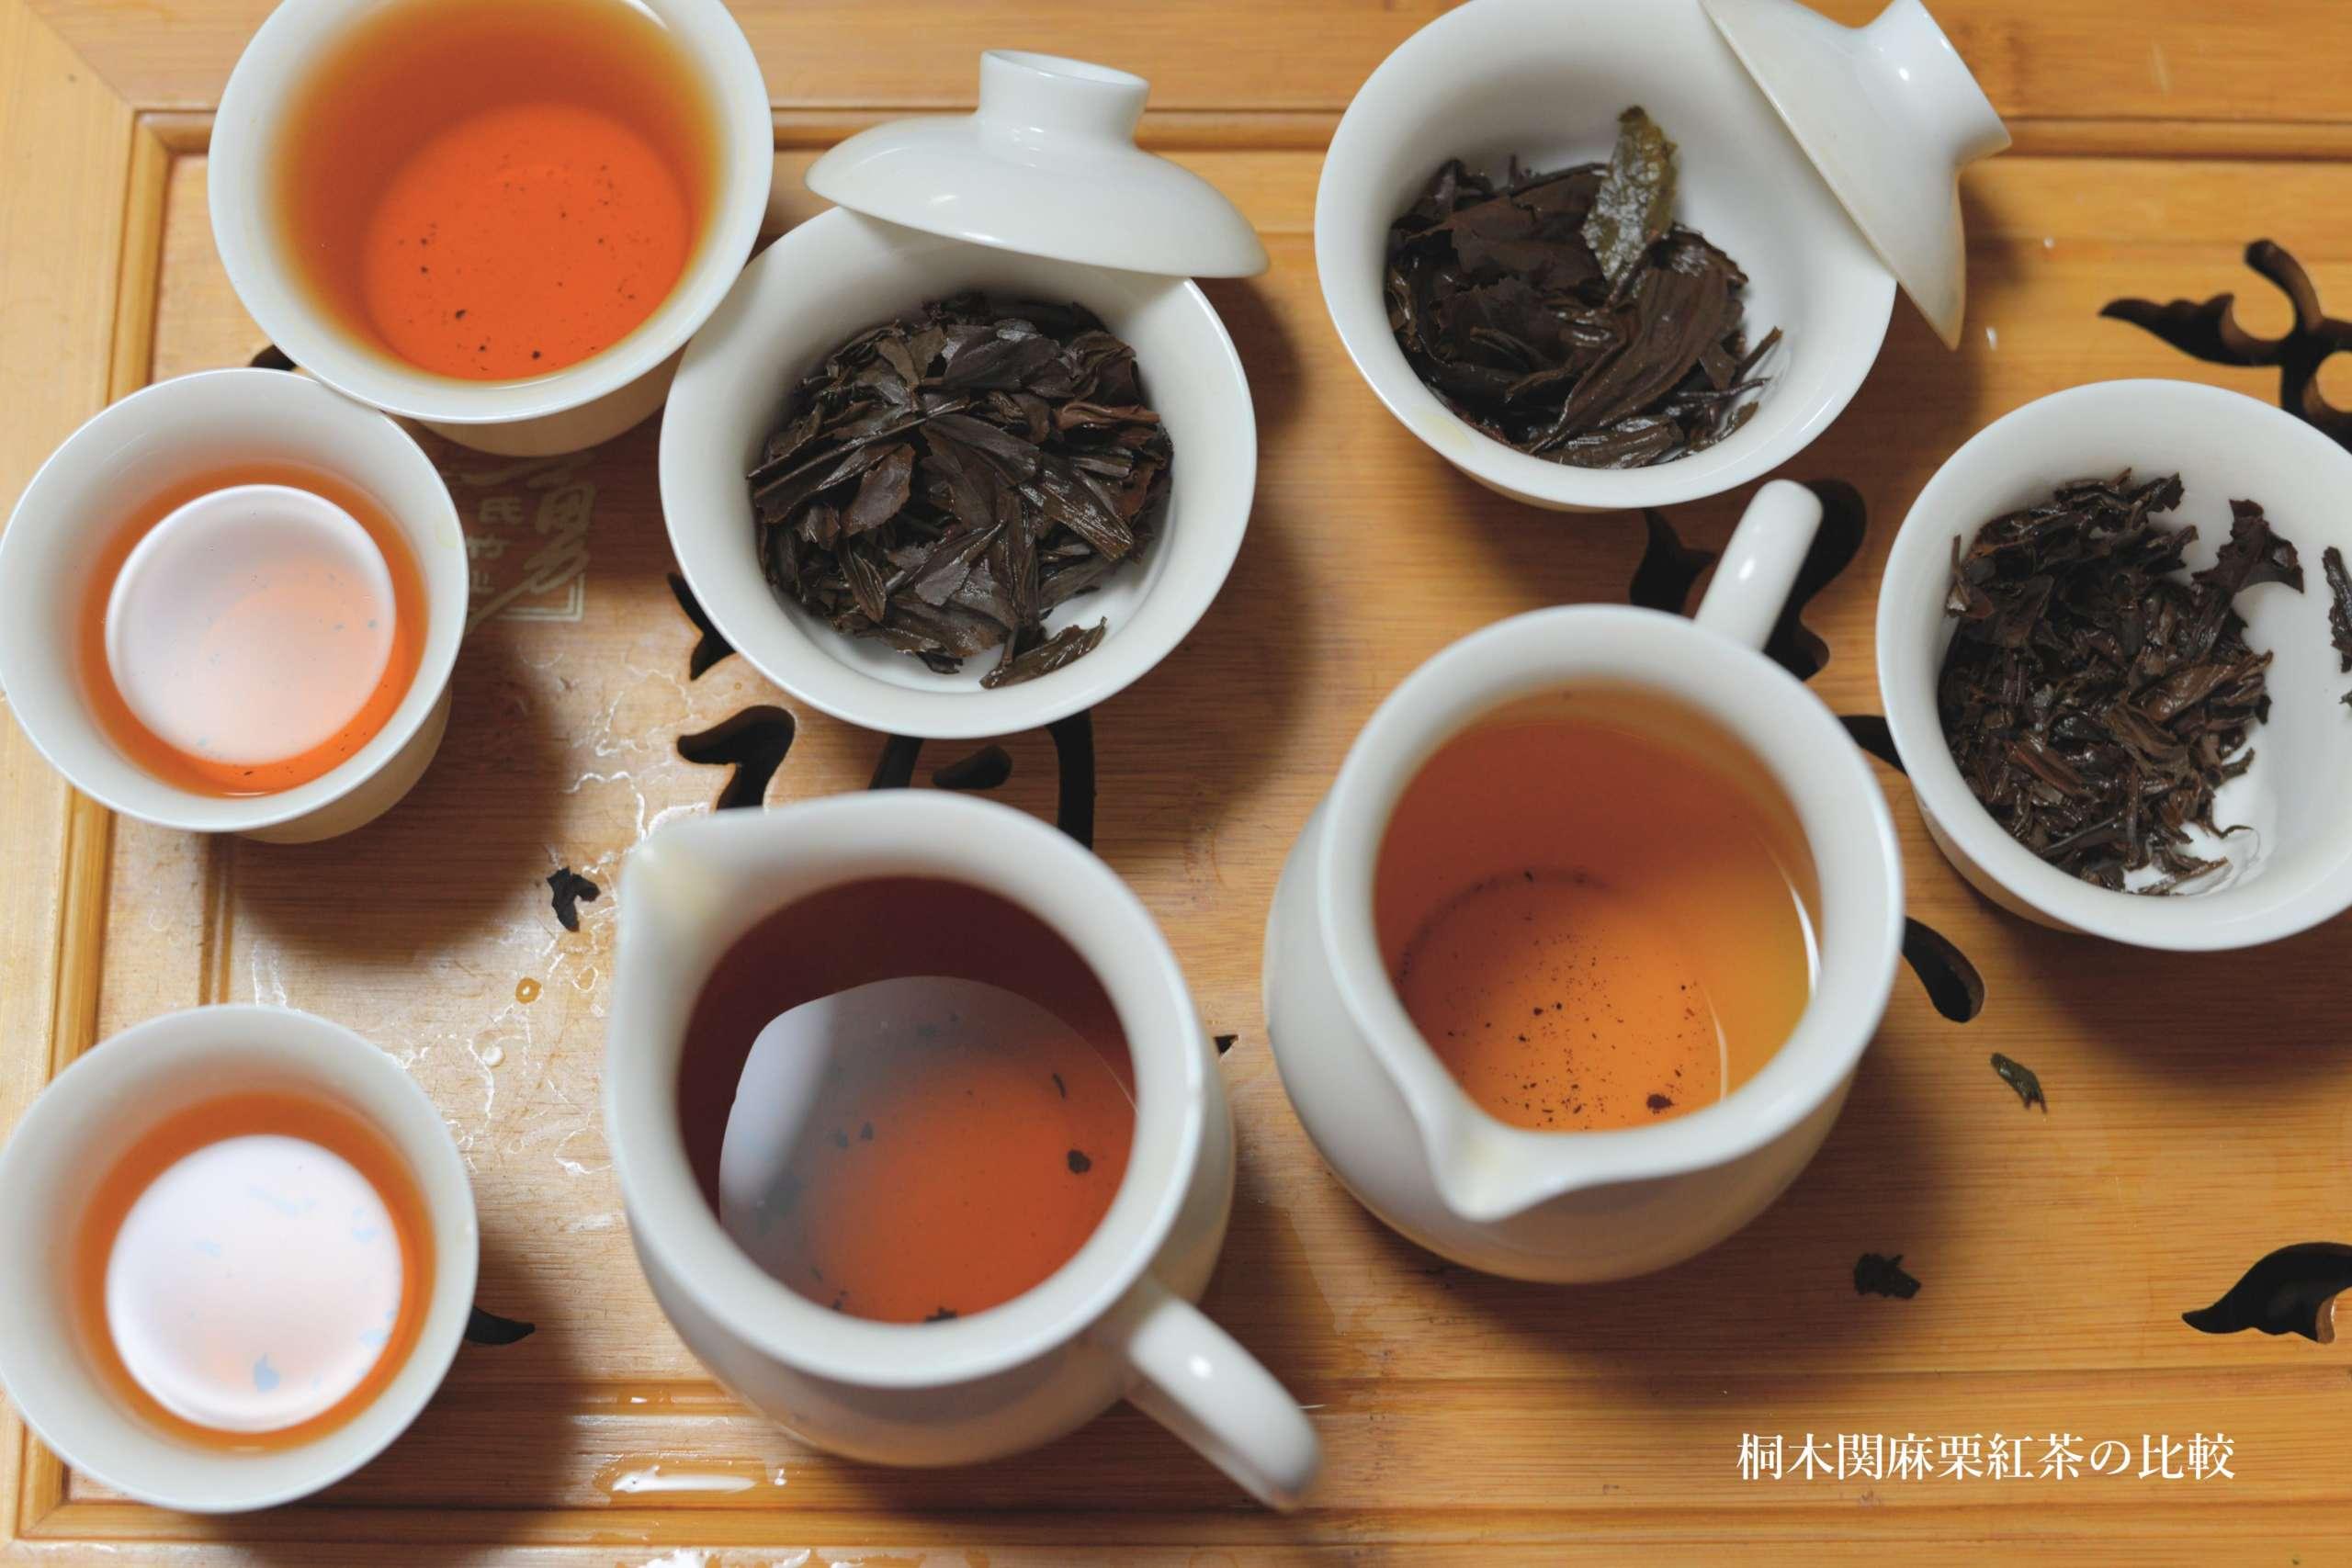 麻栗紅茶を飲む